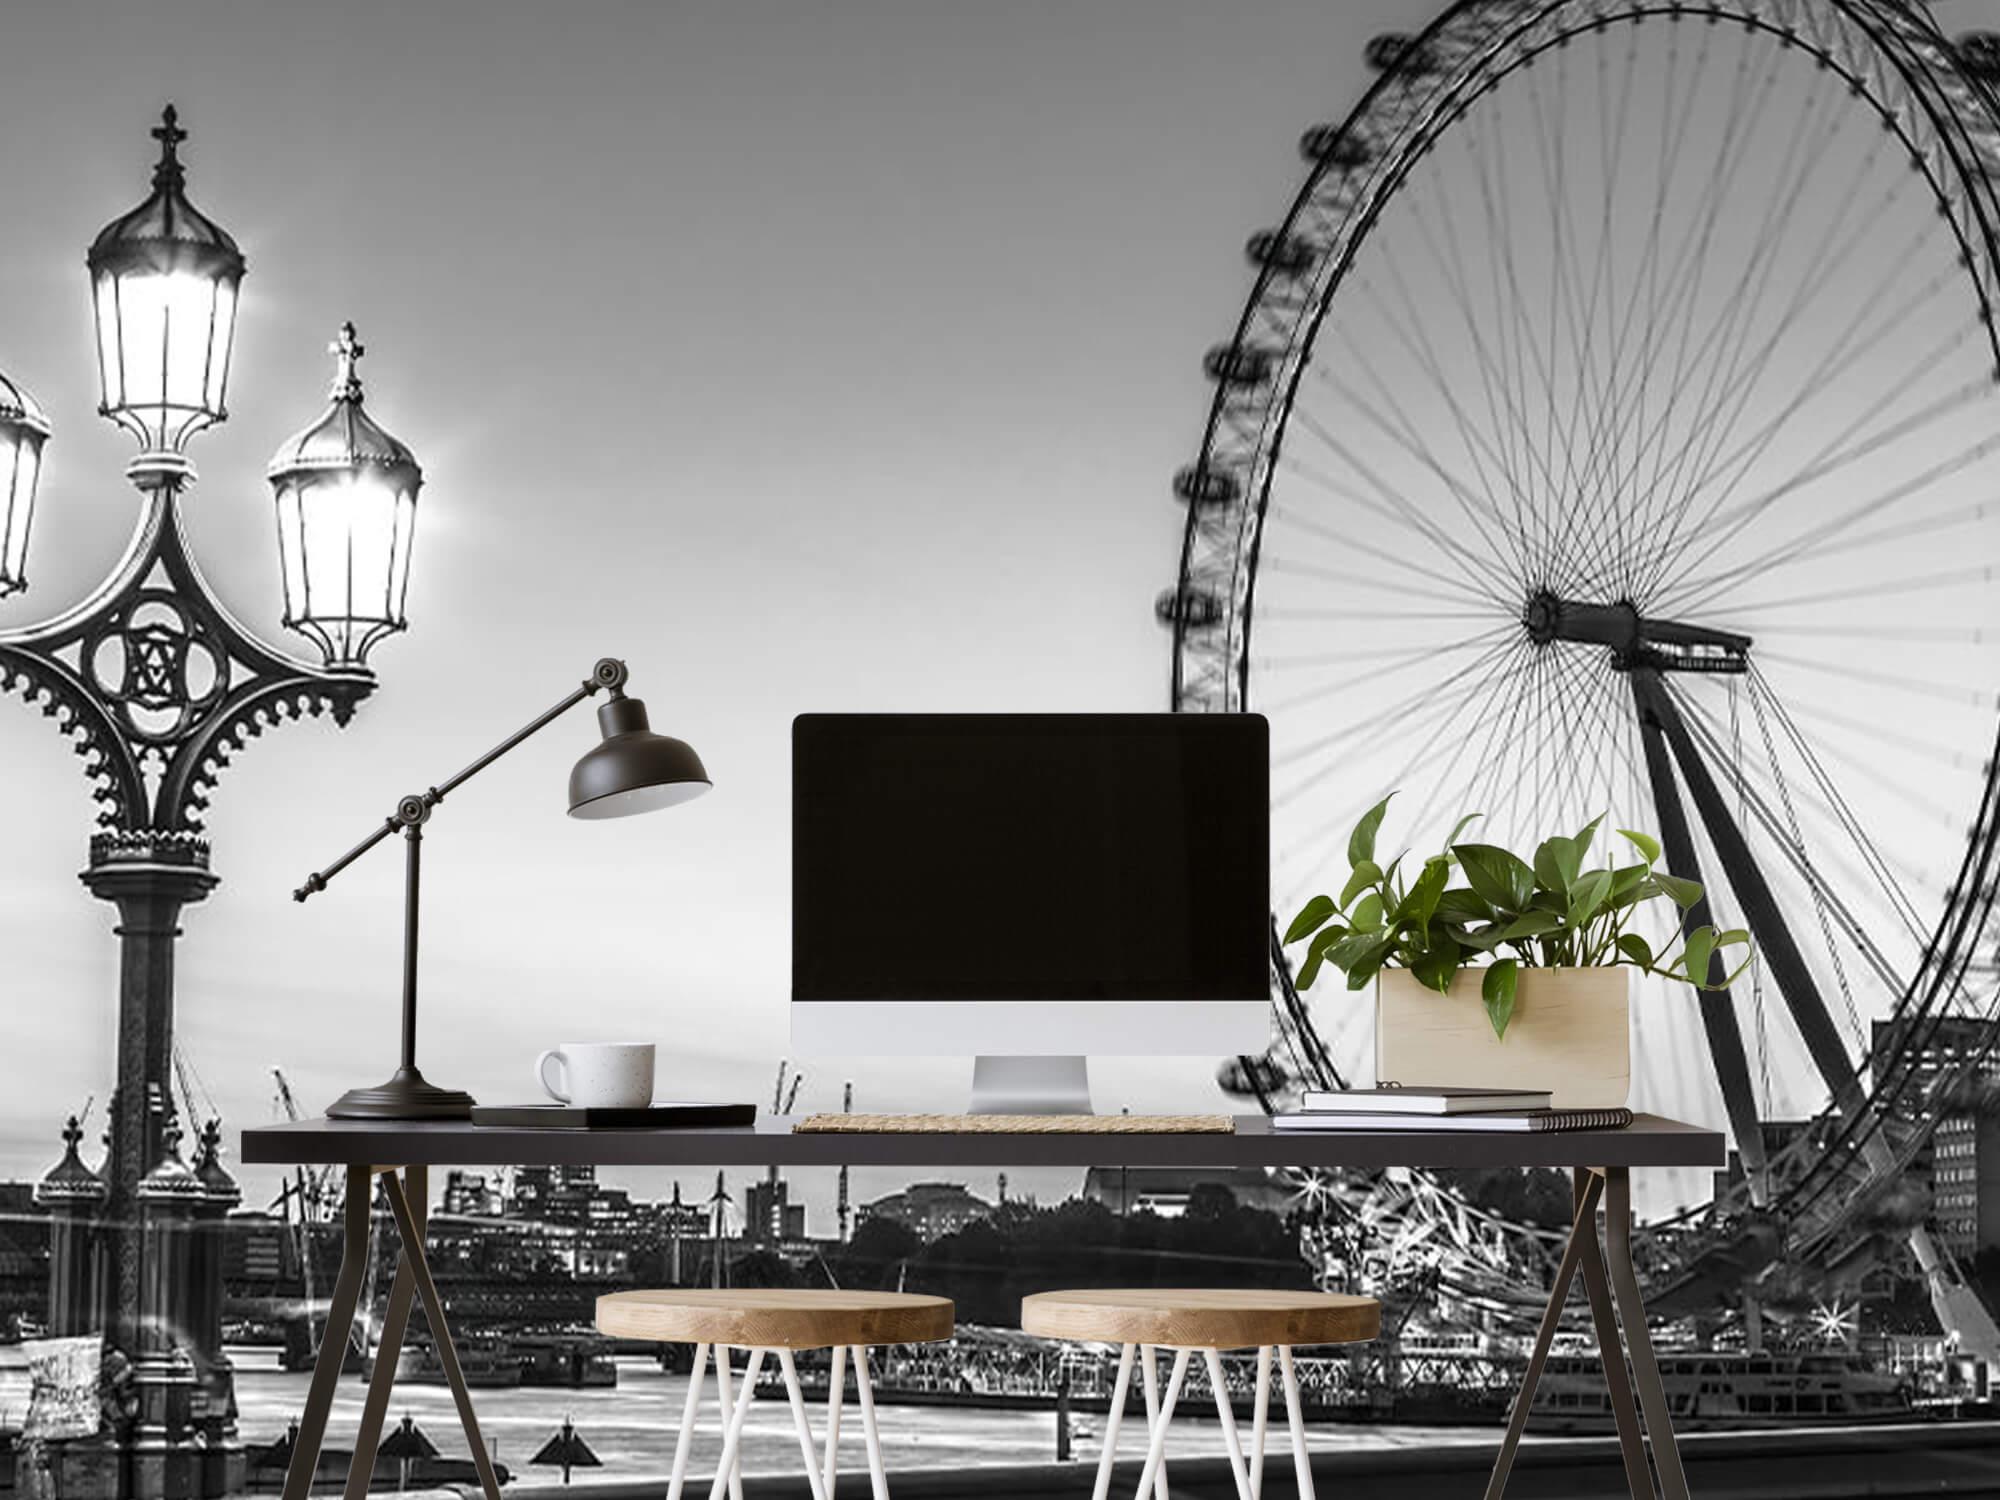 Pariserhjulet svart och vitt 11